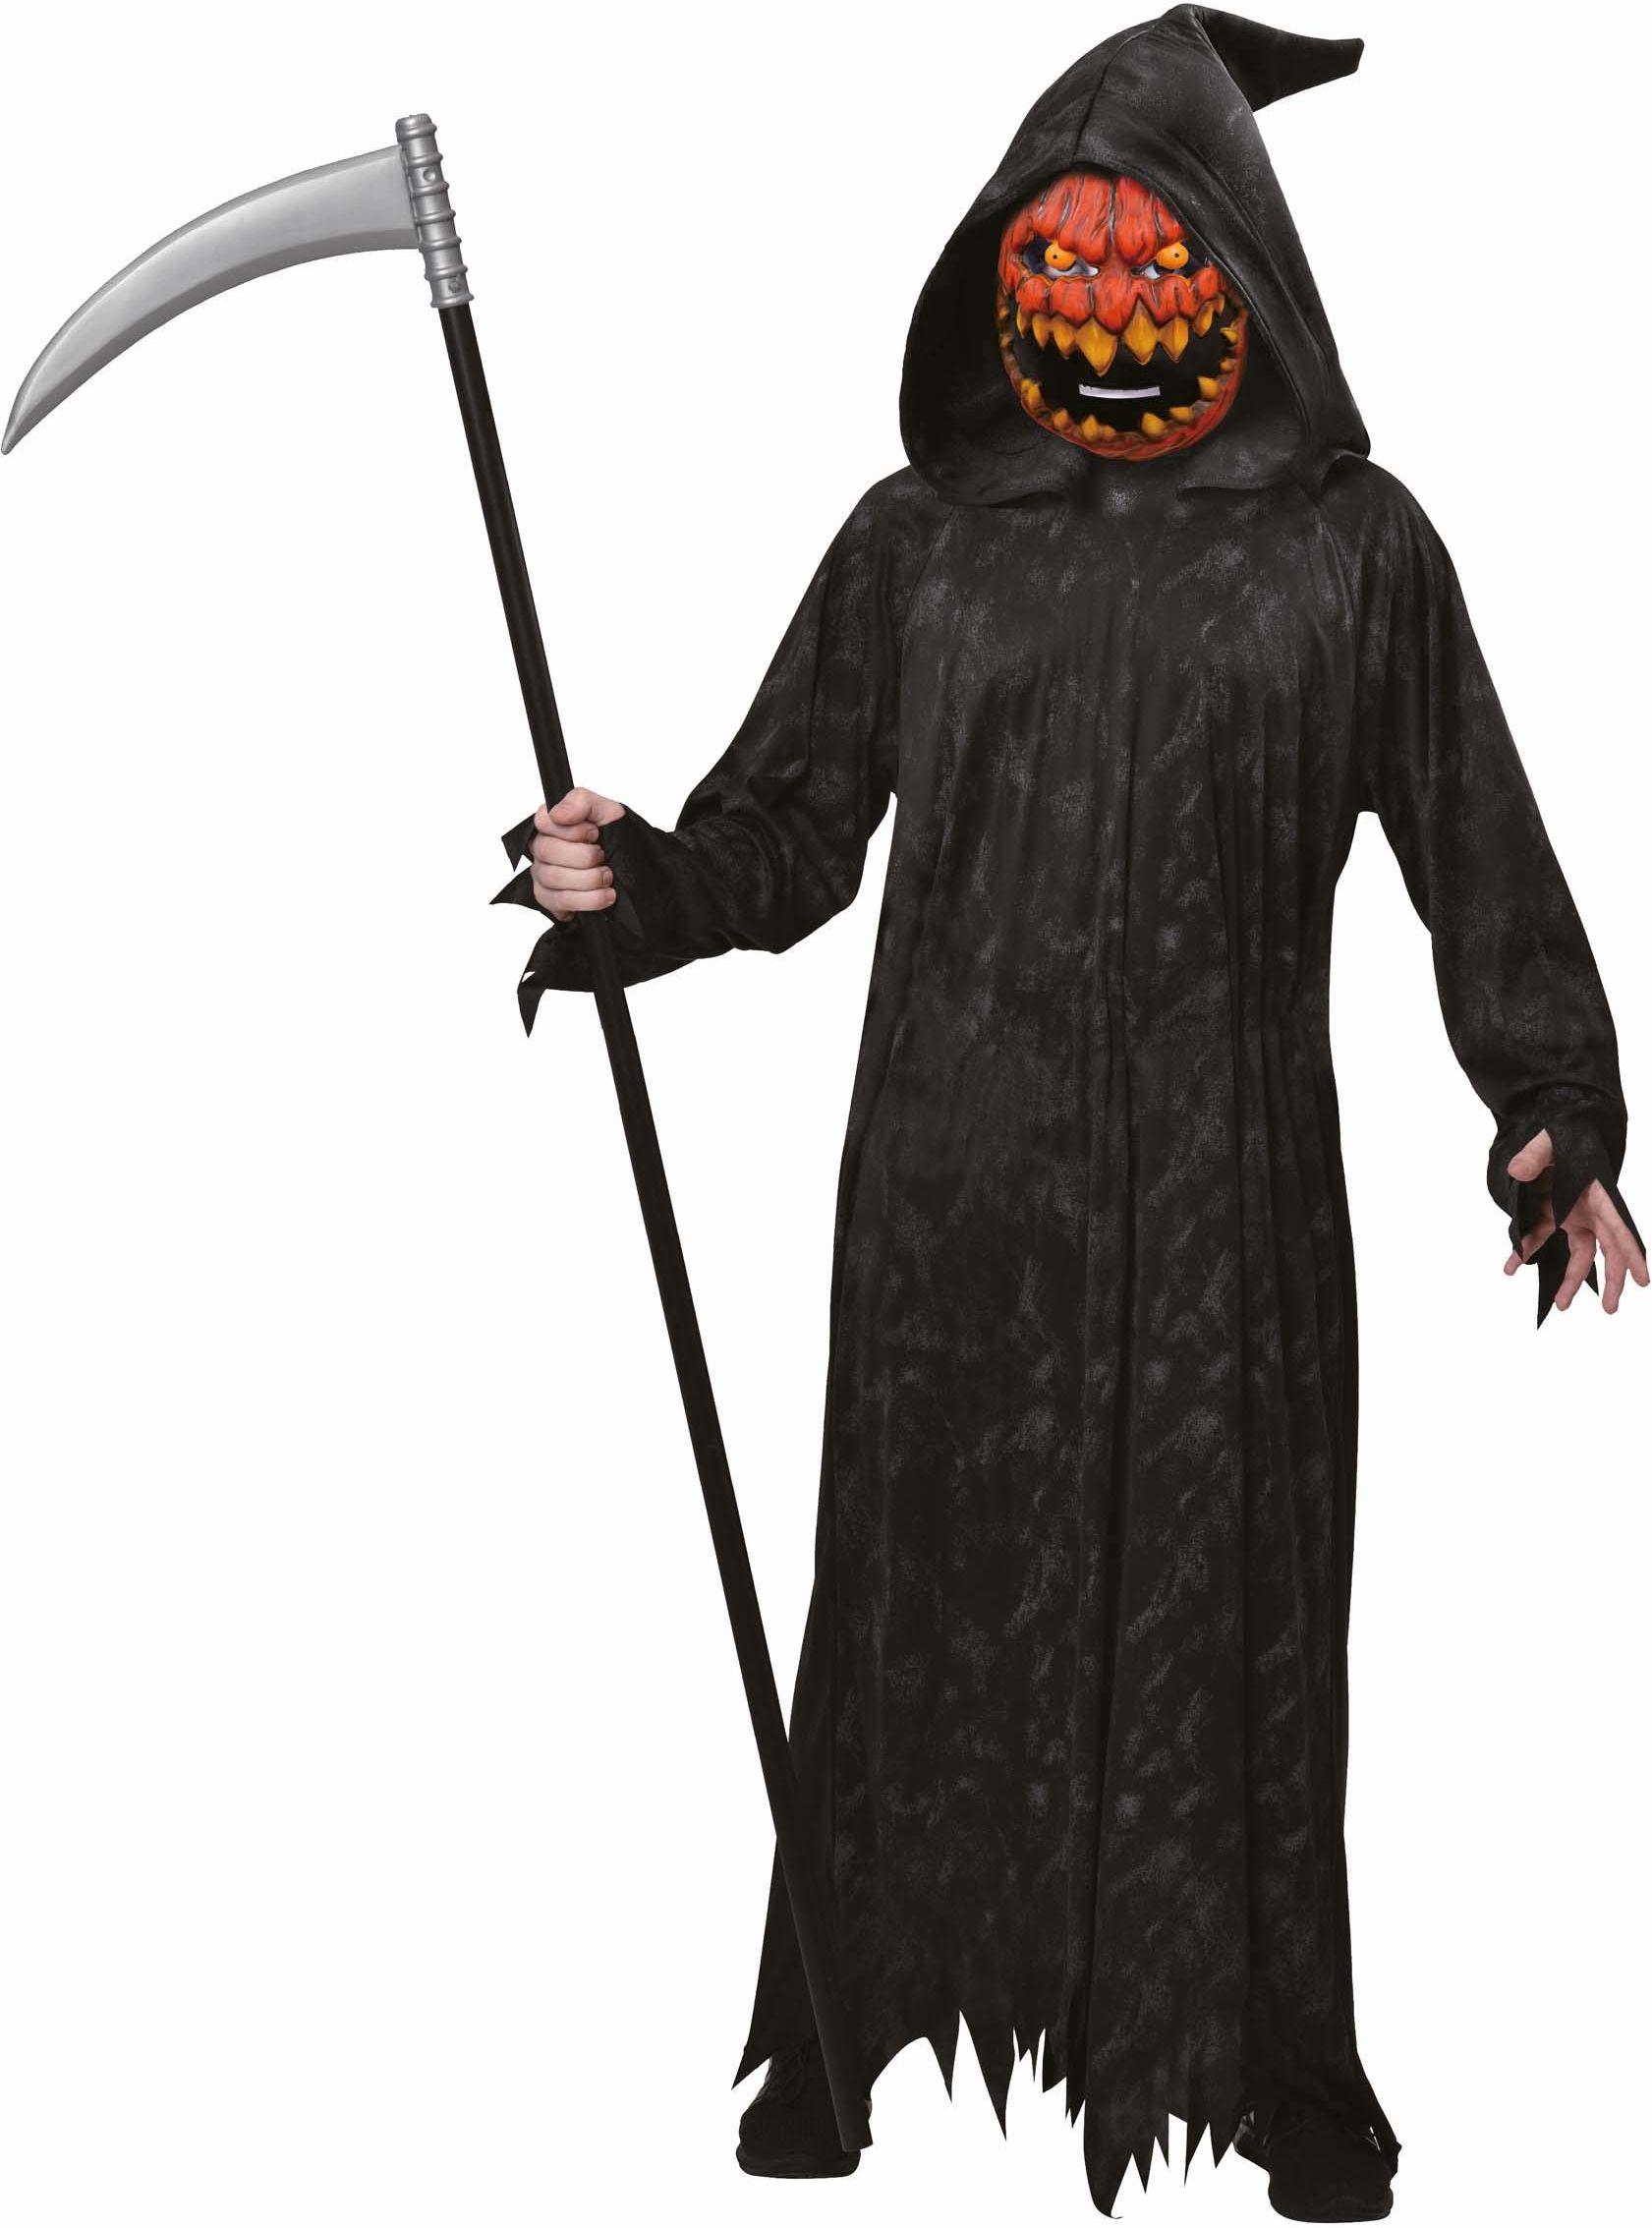 Amscan 9902813 - kostium dziecięcy Sensenmann, Robe, Kaptury, maska dyni, dynia, impreza tematyczna, karnawał, Halloween